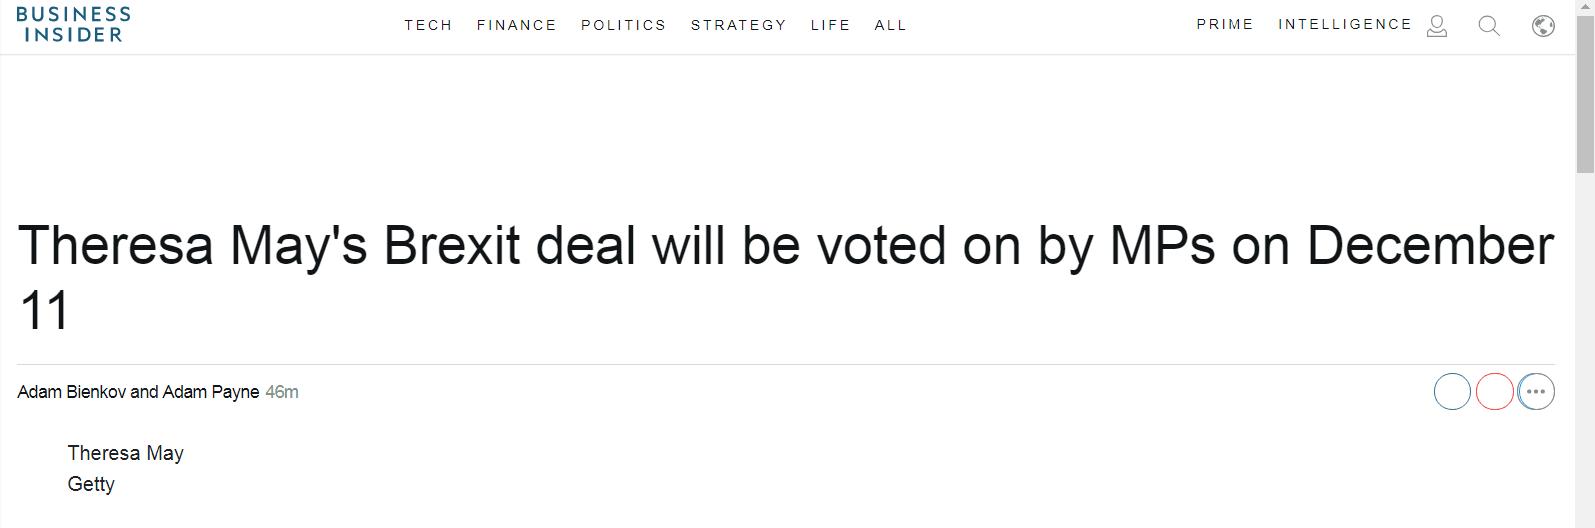 英国议会将就脱欧协议进行投票表决,但多数议员已明确表示不会支持该协议